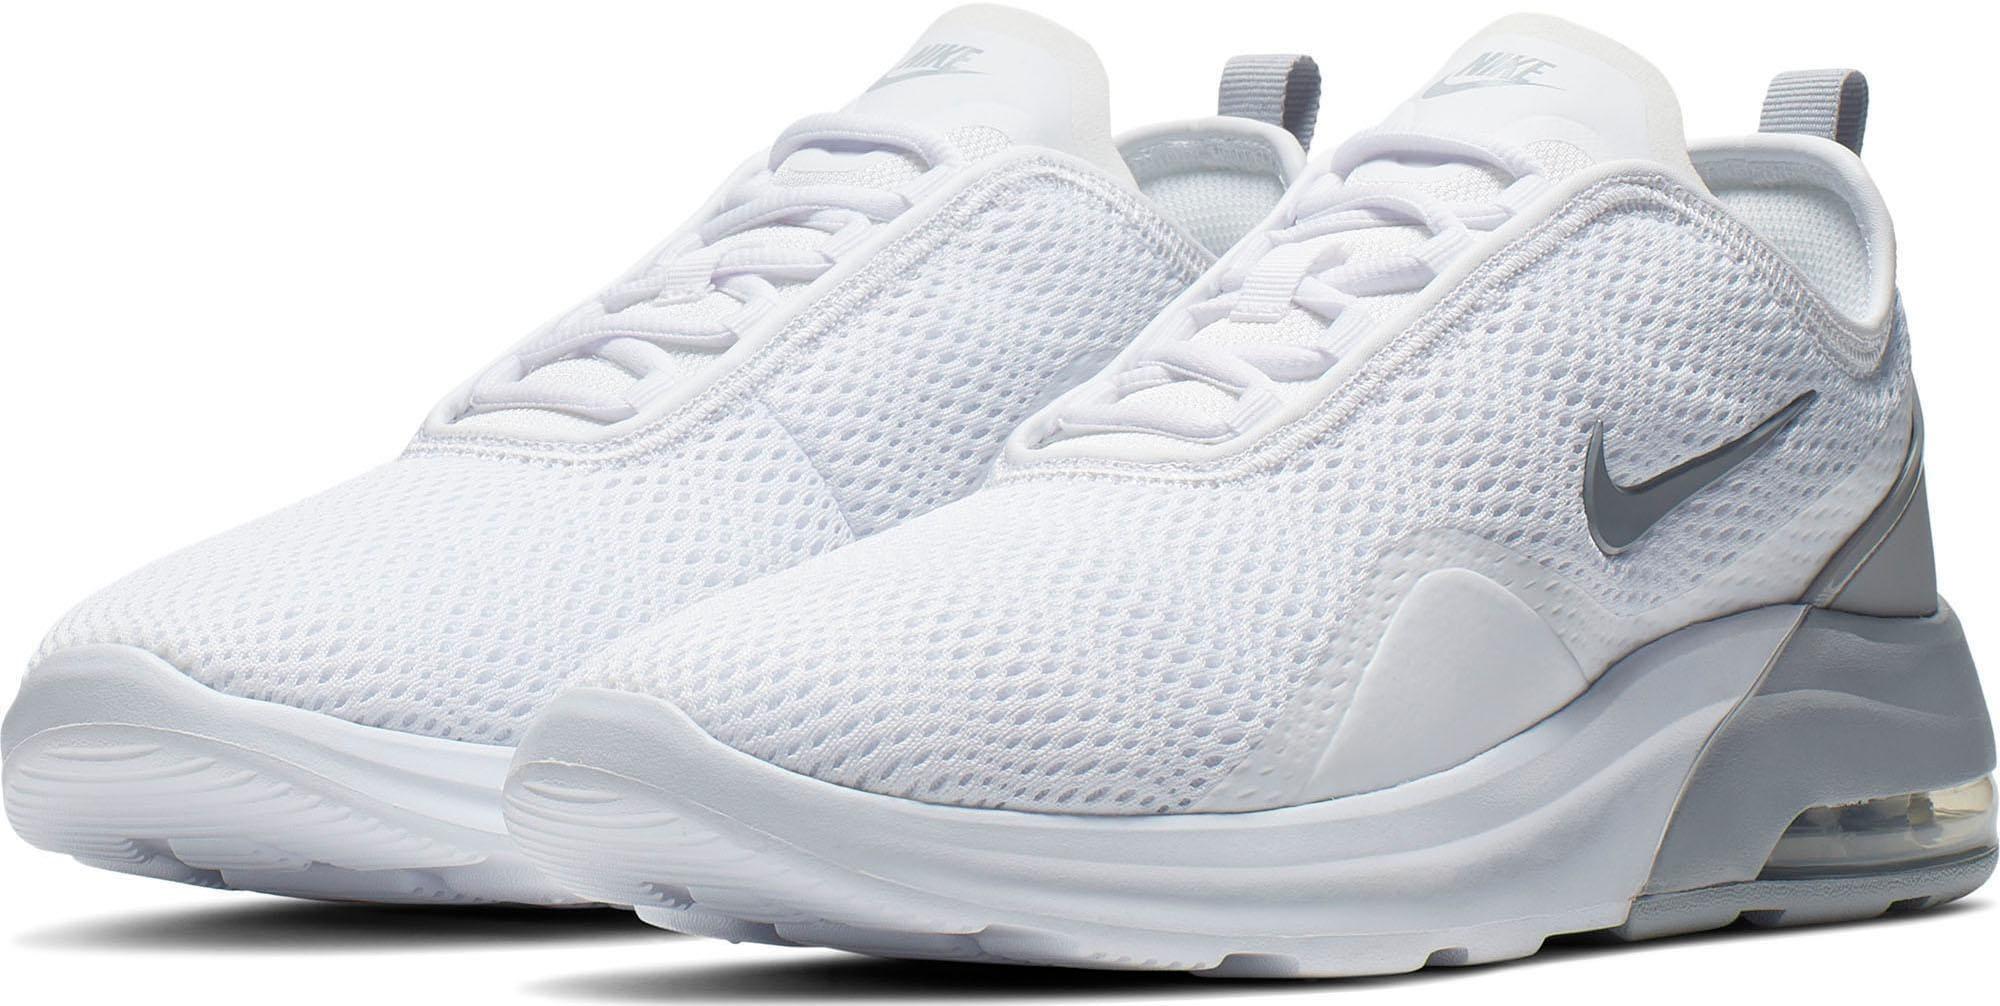 Sneaker Herren Nike Air Max Motion 2 AO0266 101 Sport Kuhn